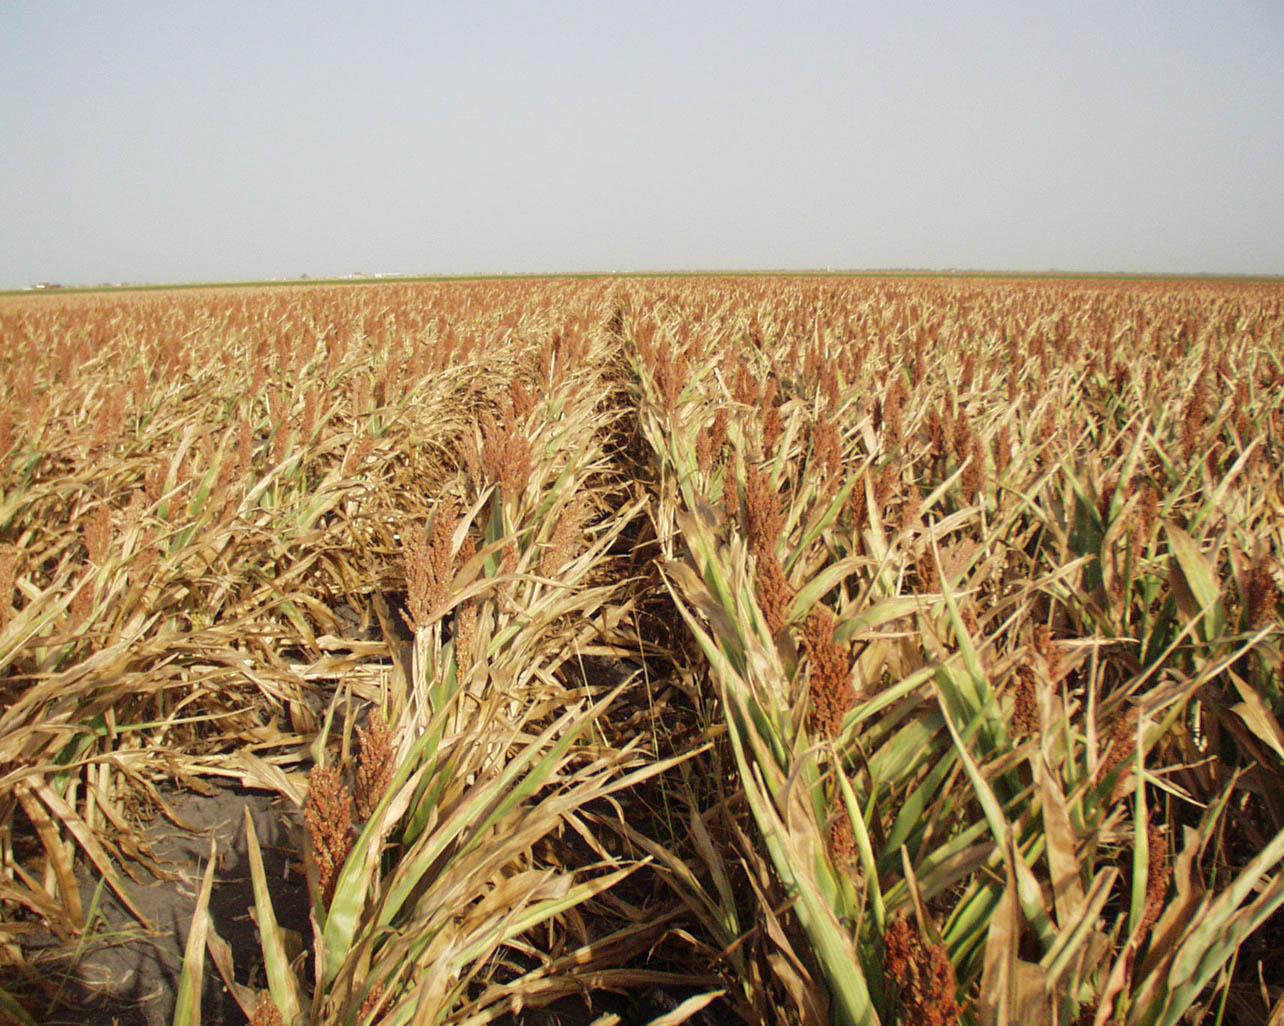 parched crops